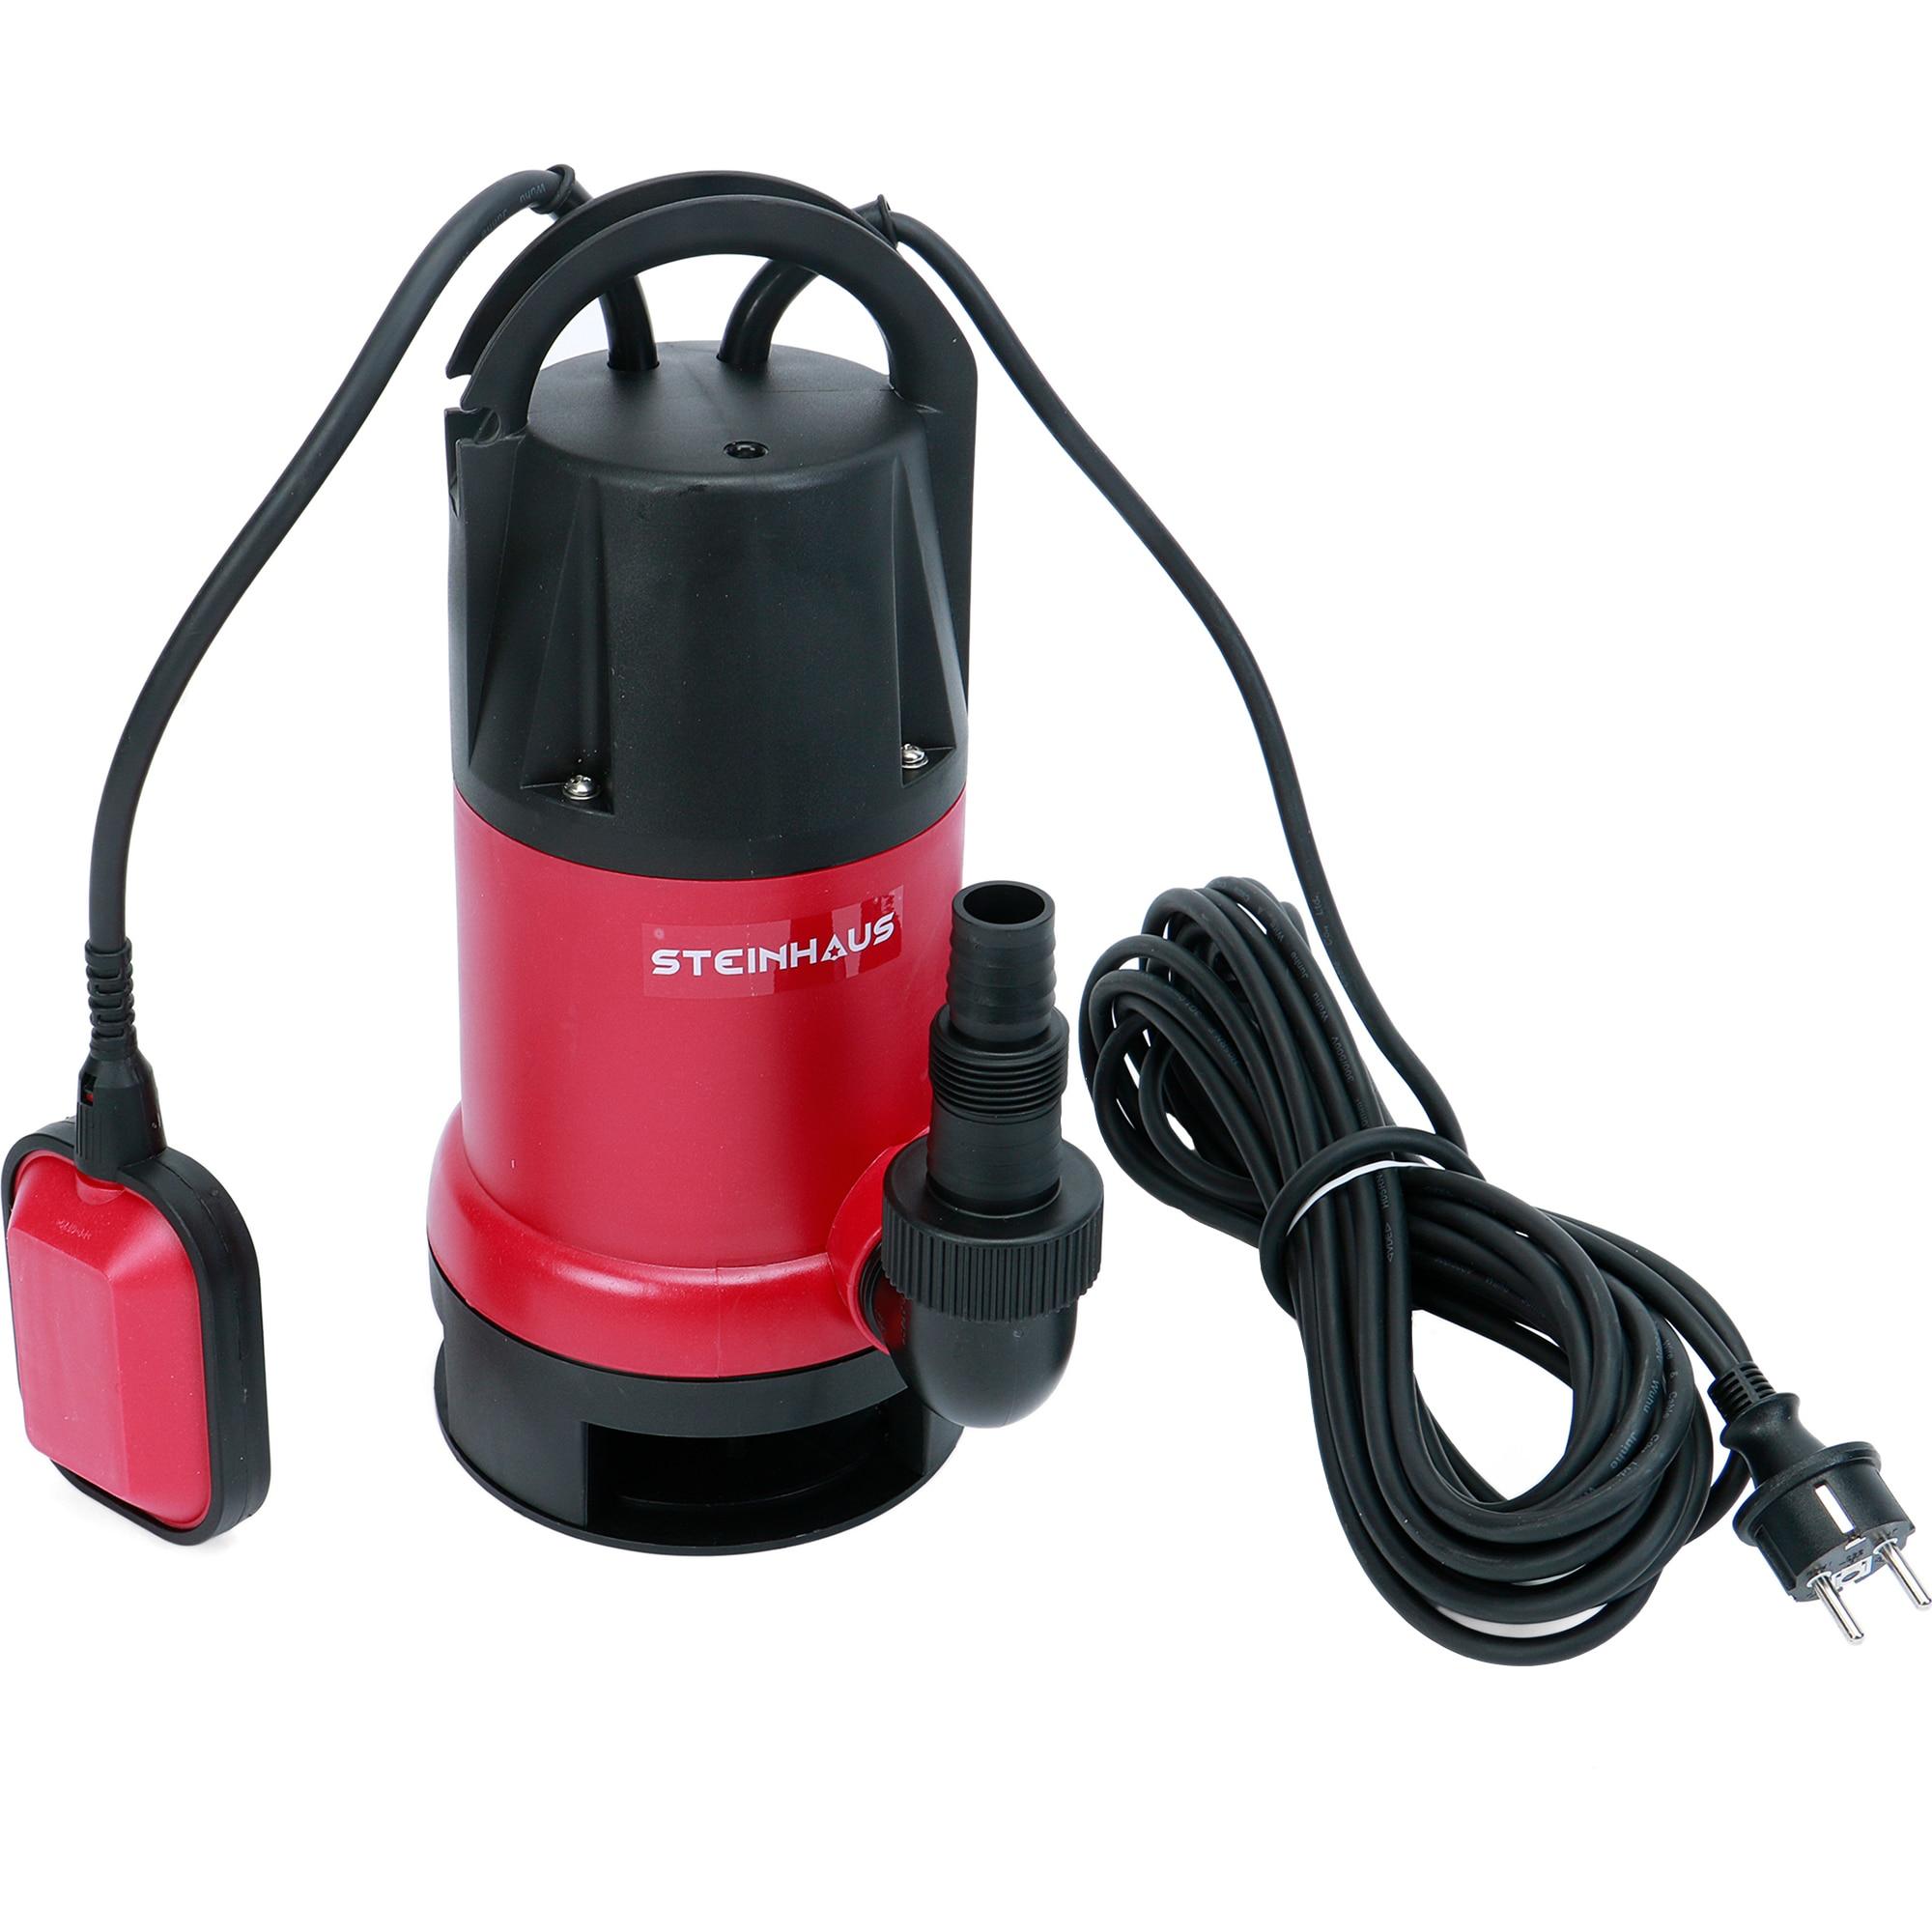 Fotografie Pompa submersibila pentru apa murdara Steinhaus PRO-SP750, 750W, 13000 l/h, 0.8 bar